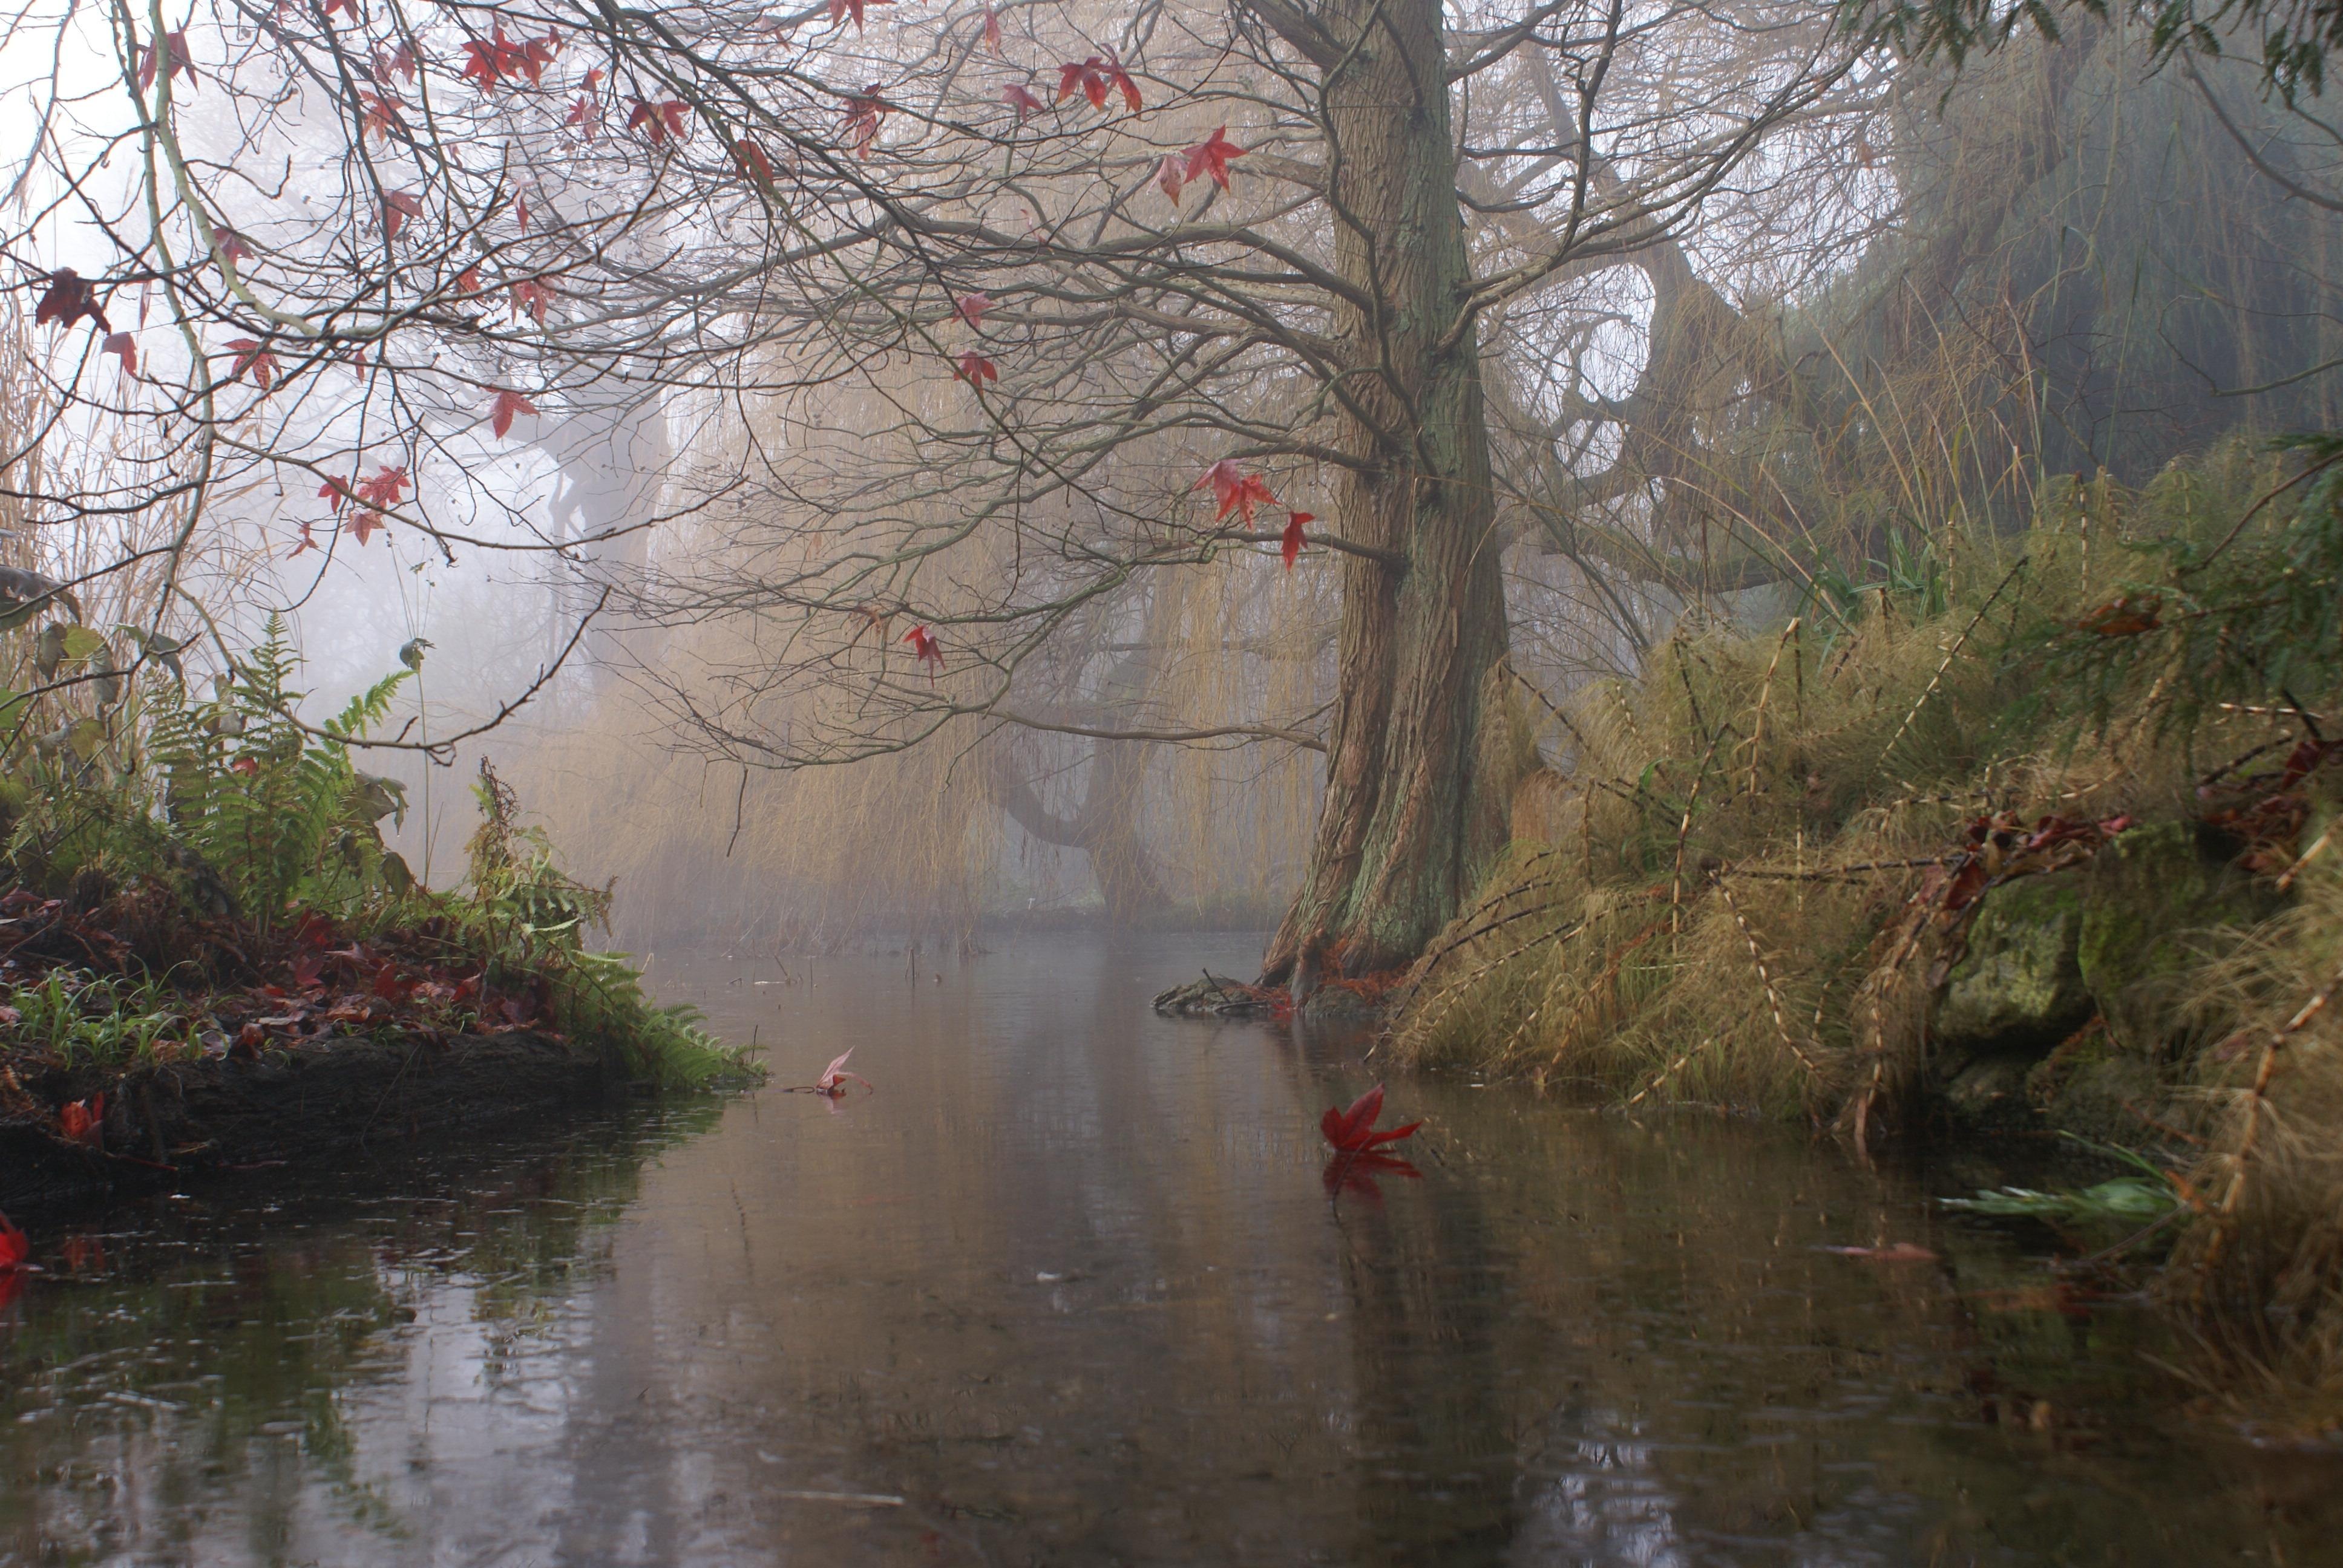 89647 télécharger le fond d'écran Brouillard, Nature, Art, Buissons, Lac, Bois, Arbre, Peinture, Feuille, De L'art - économiseurs d'écran et images gratuitement